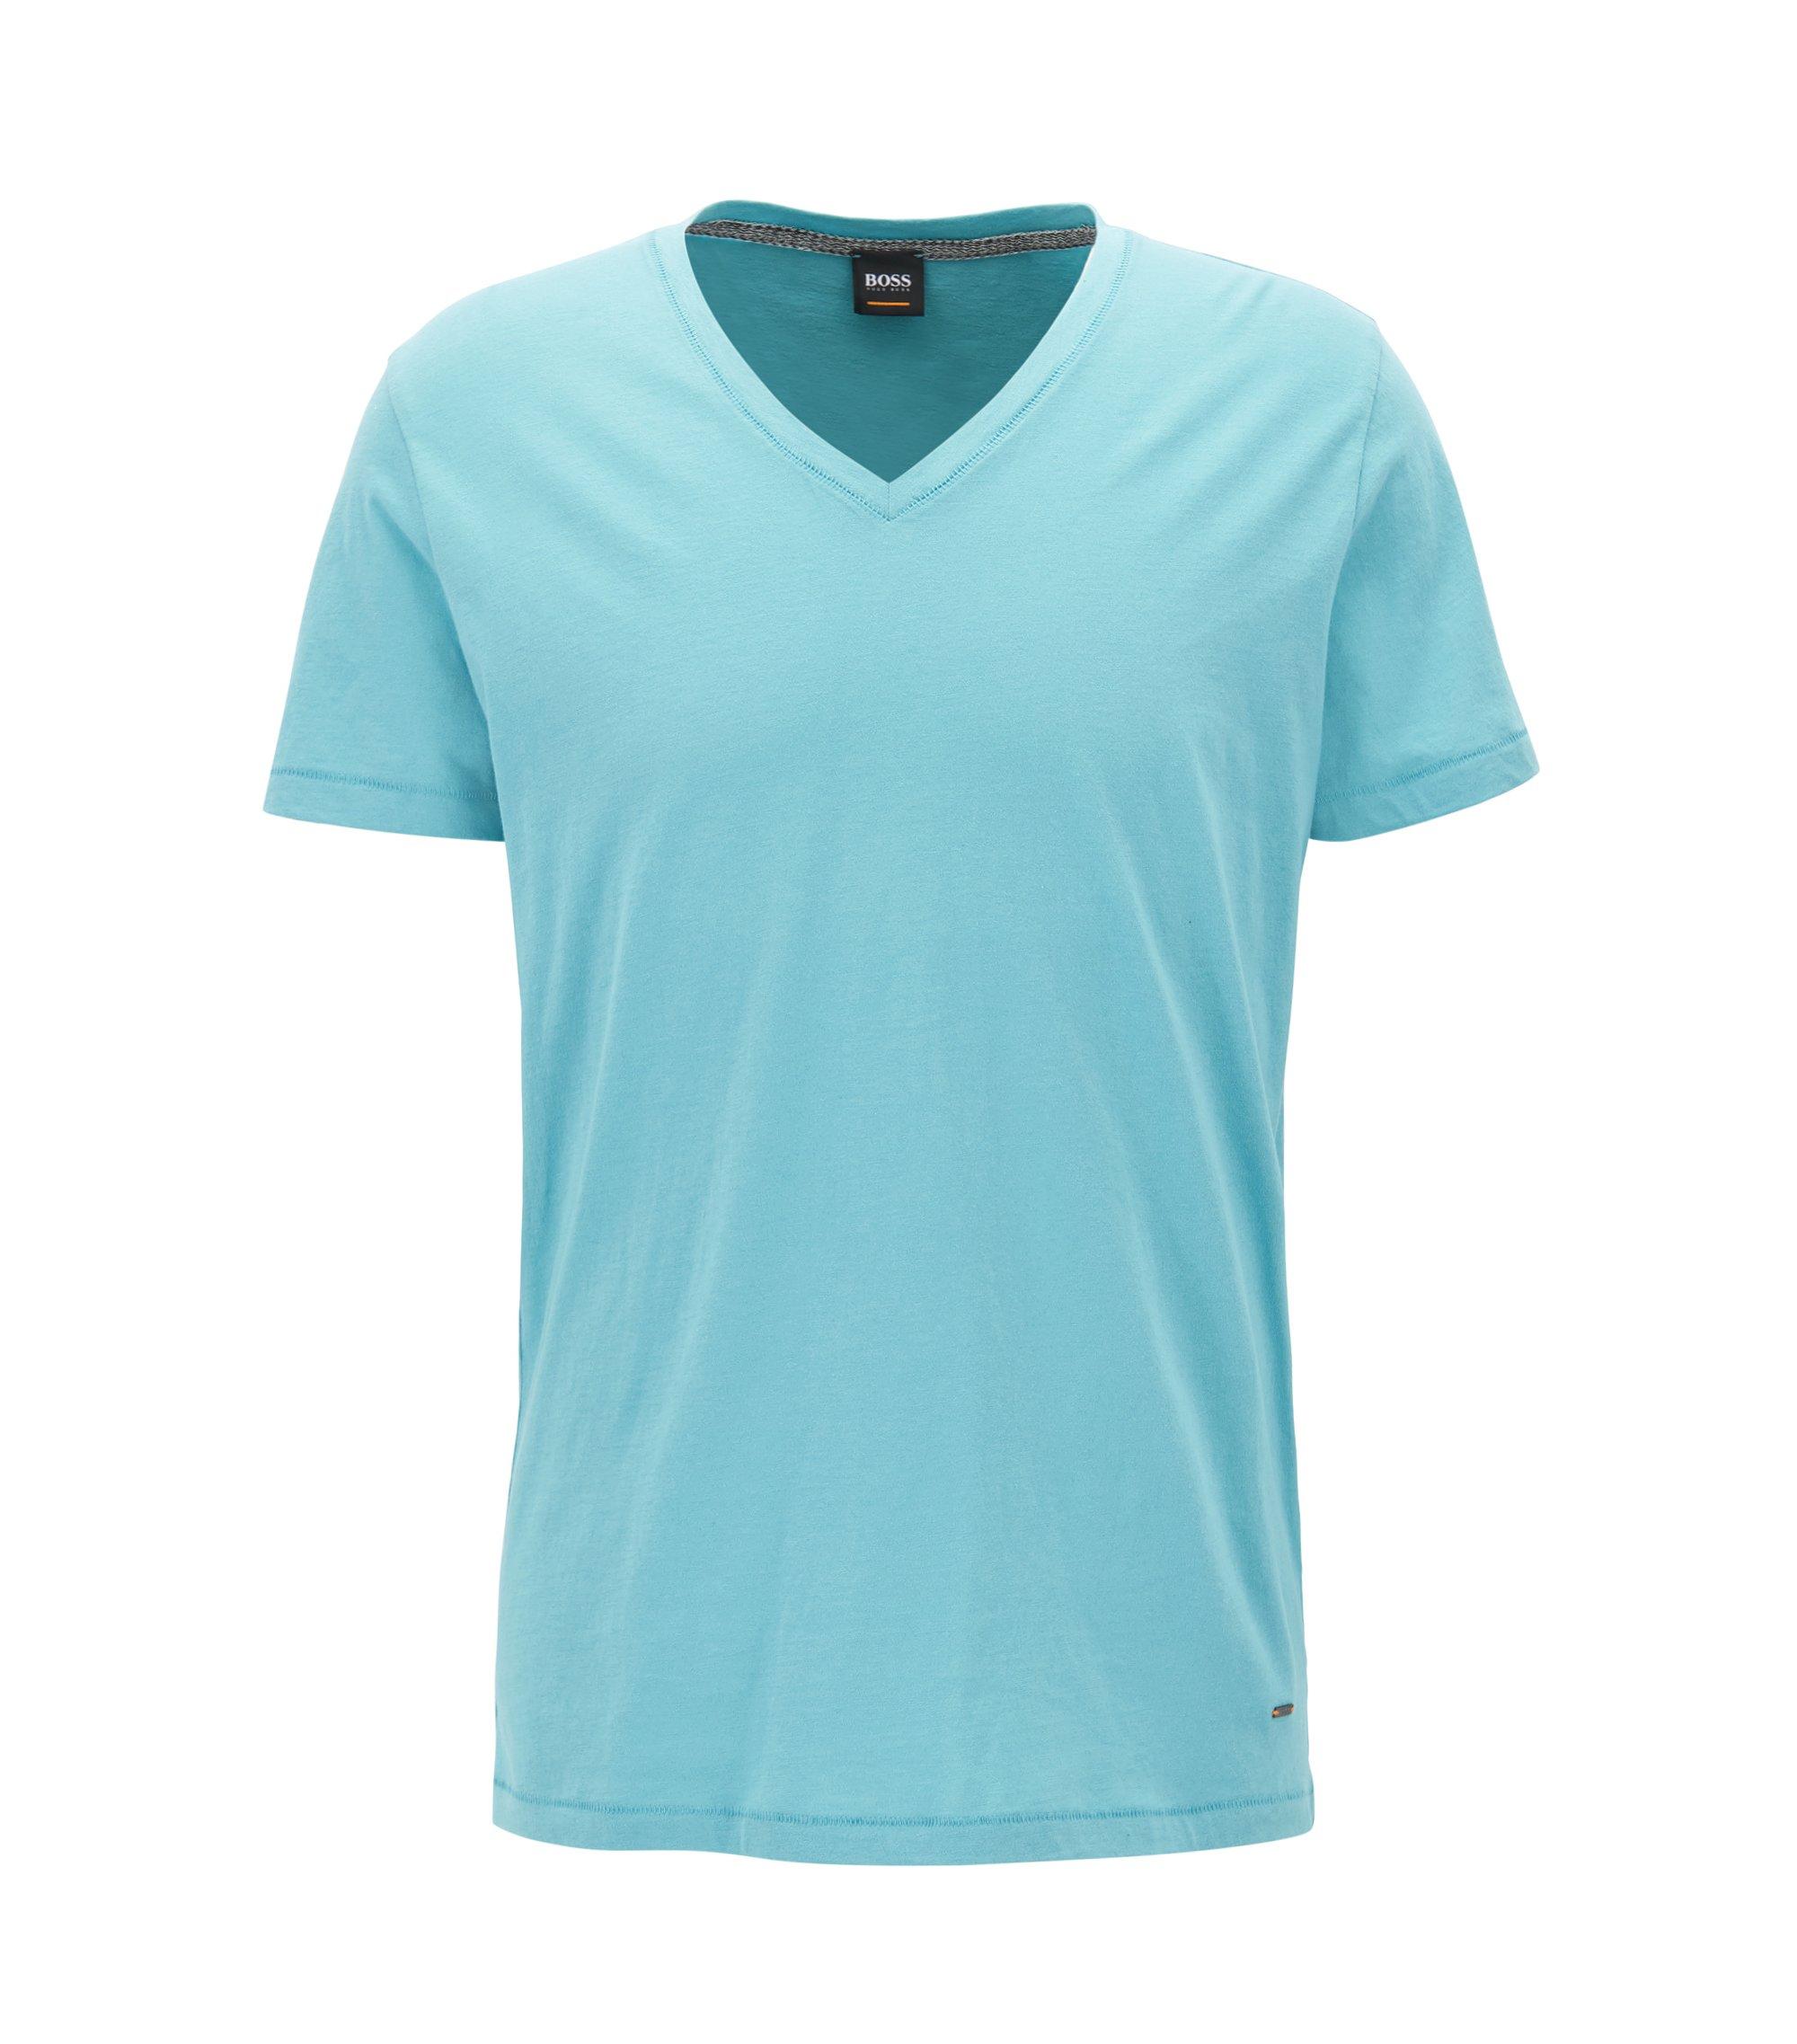 Regular-fit T-shirt van katoen met V-hals, Turkoois